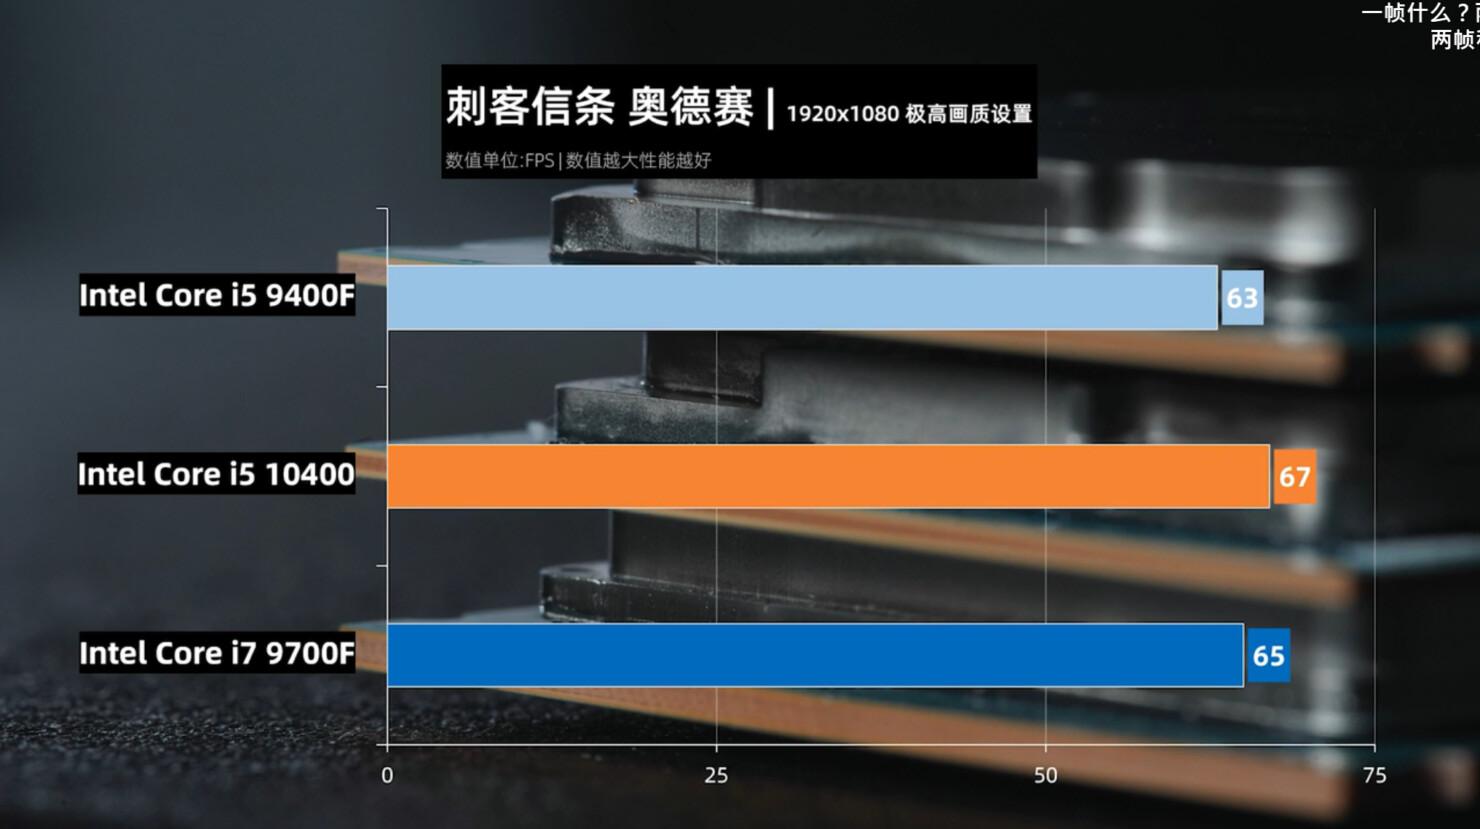 测试表明i5-10400游戏性能与i7-9700F相当